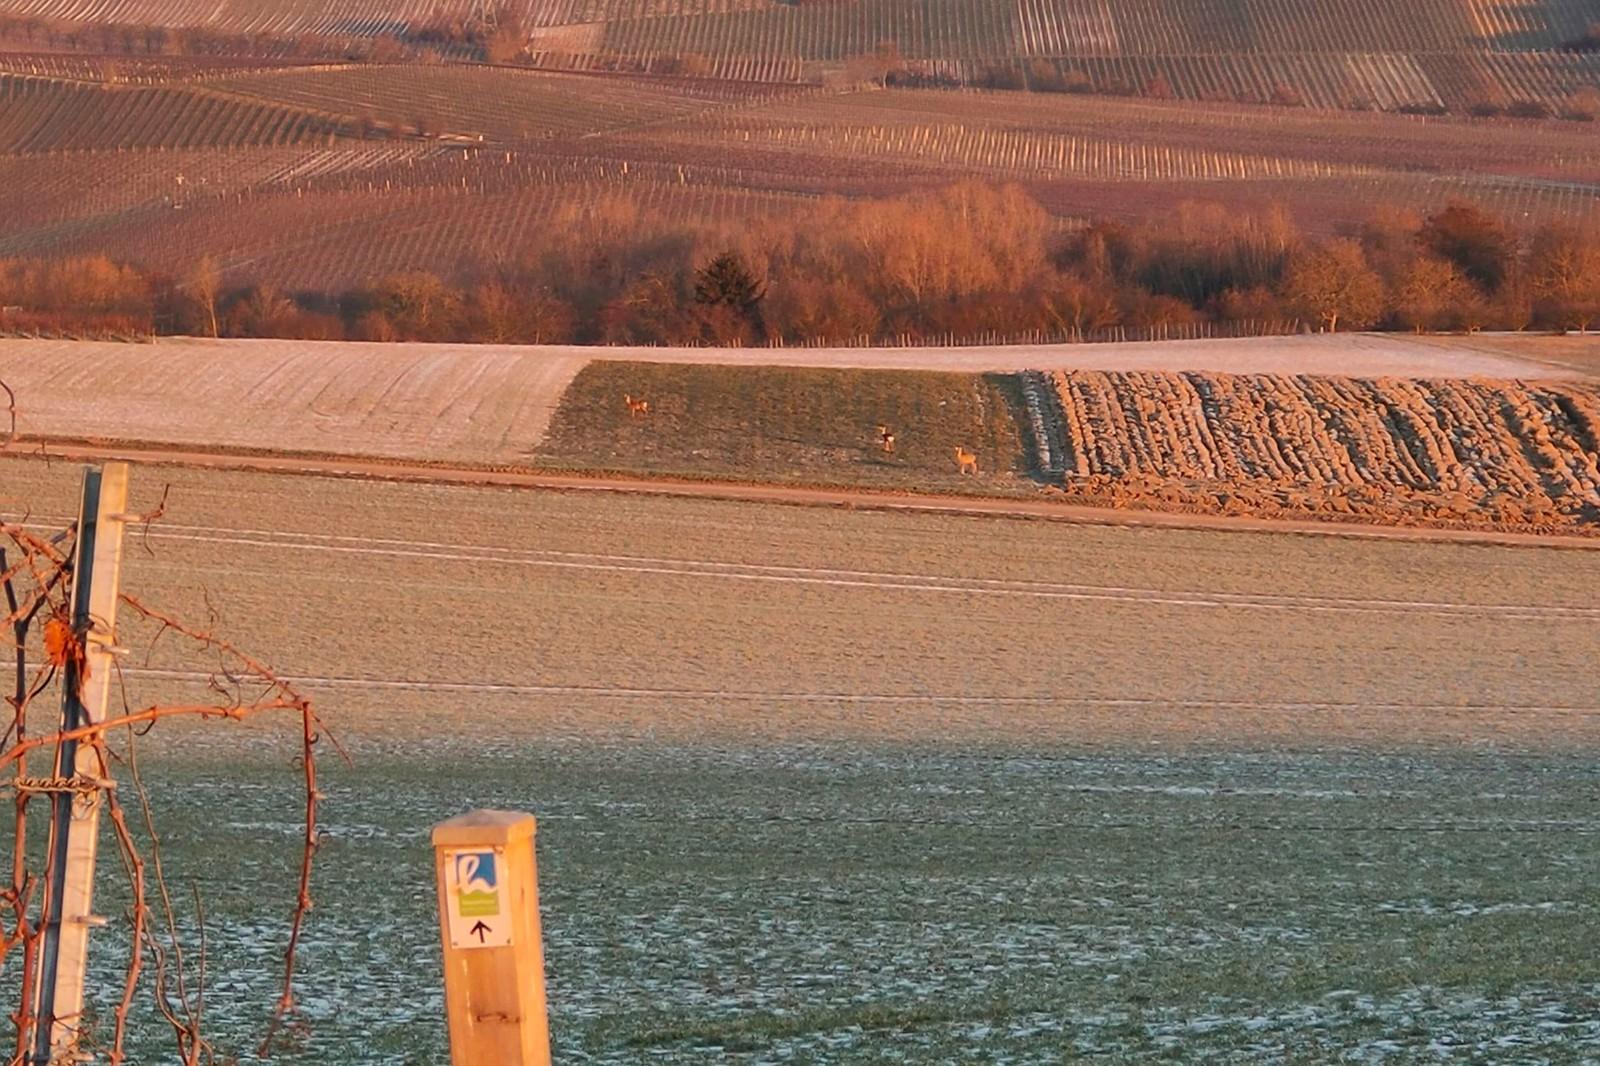 Rehe bei Zornheim - SunriseRun Hiwweltour Zornheimer Berg mit 8 und Schmackes